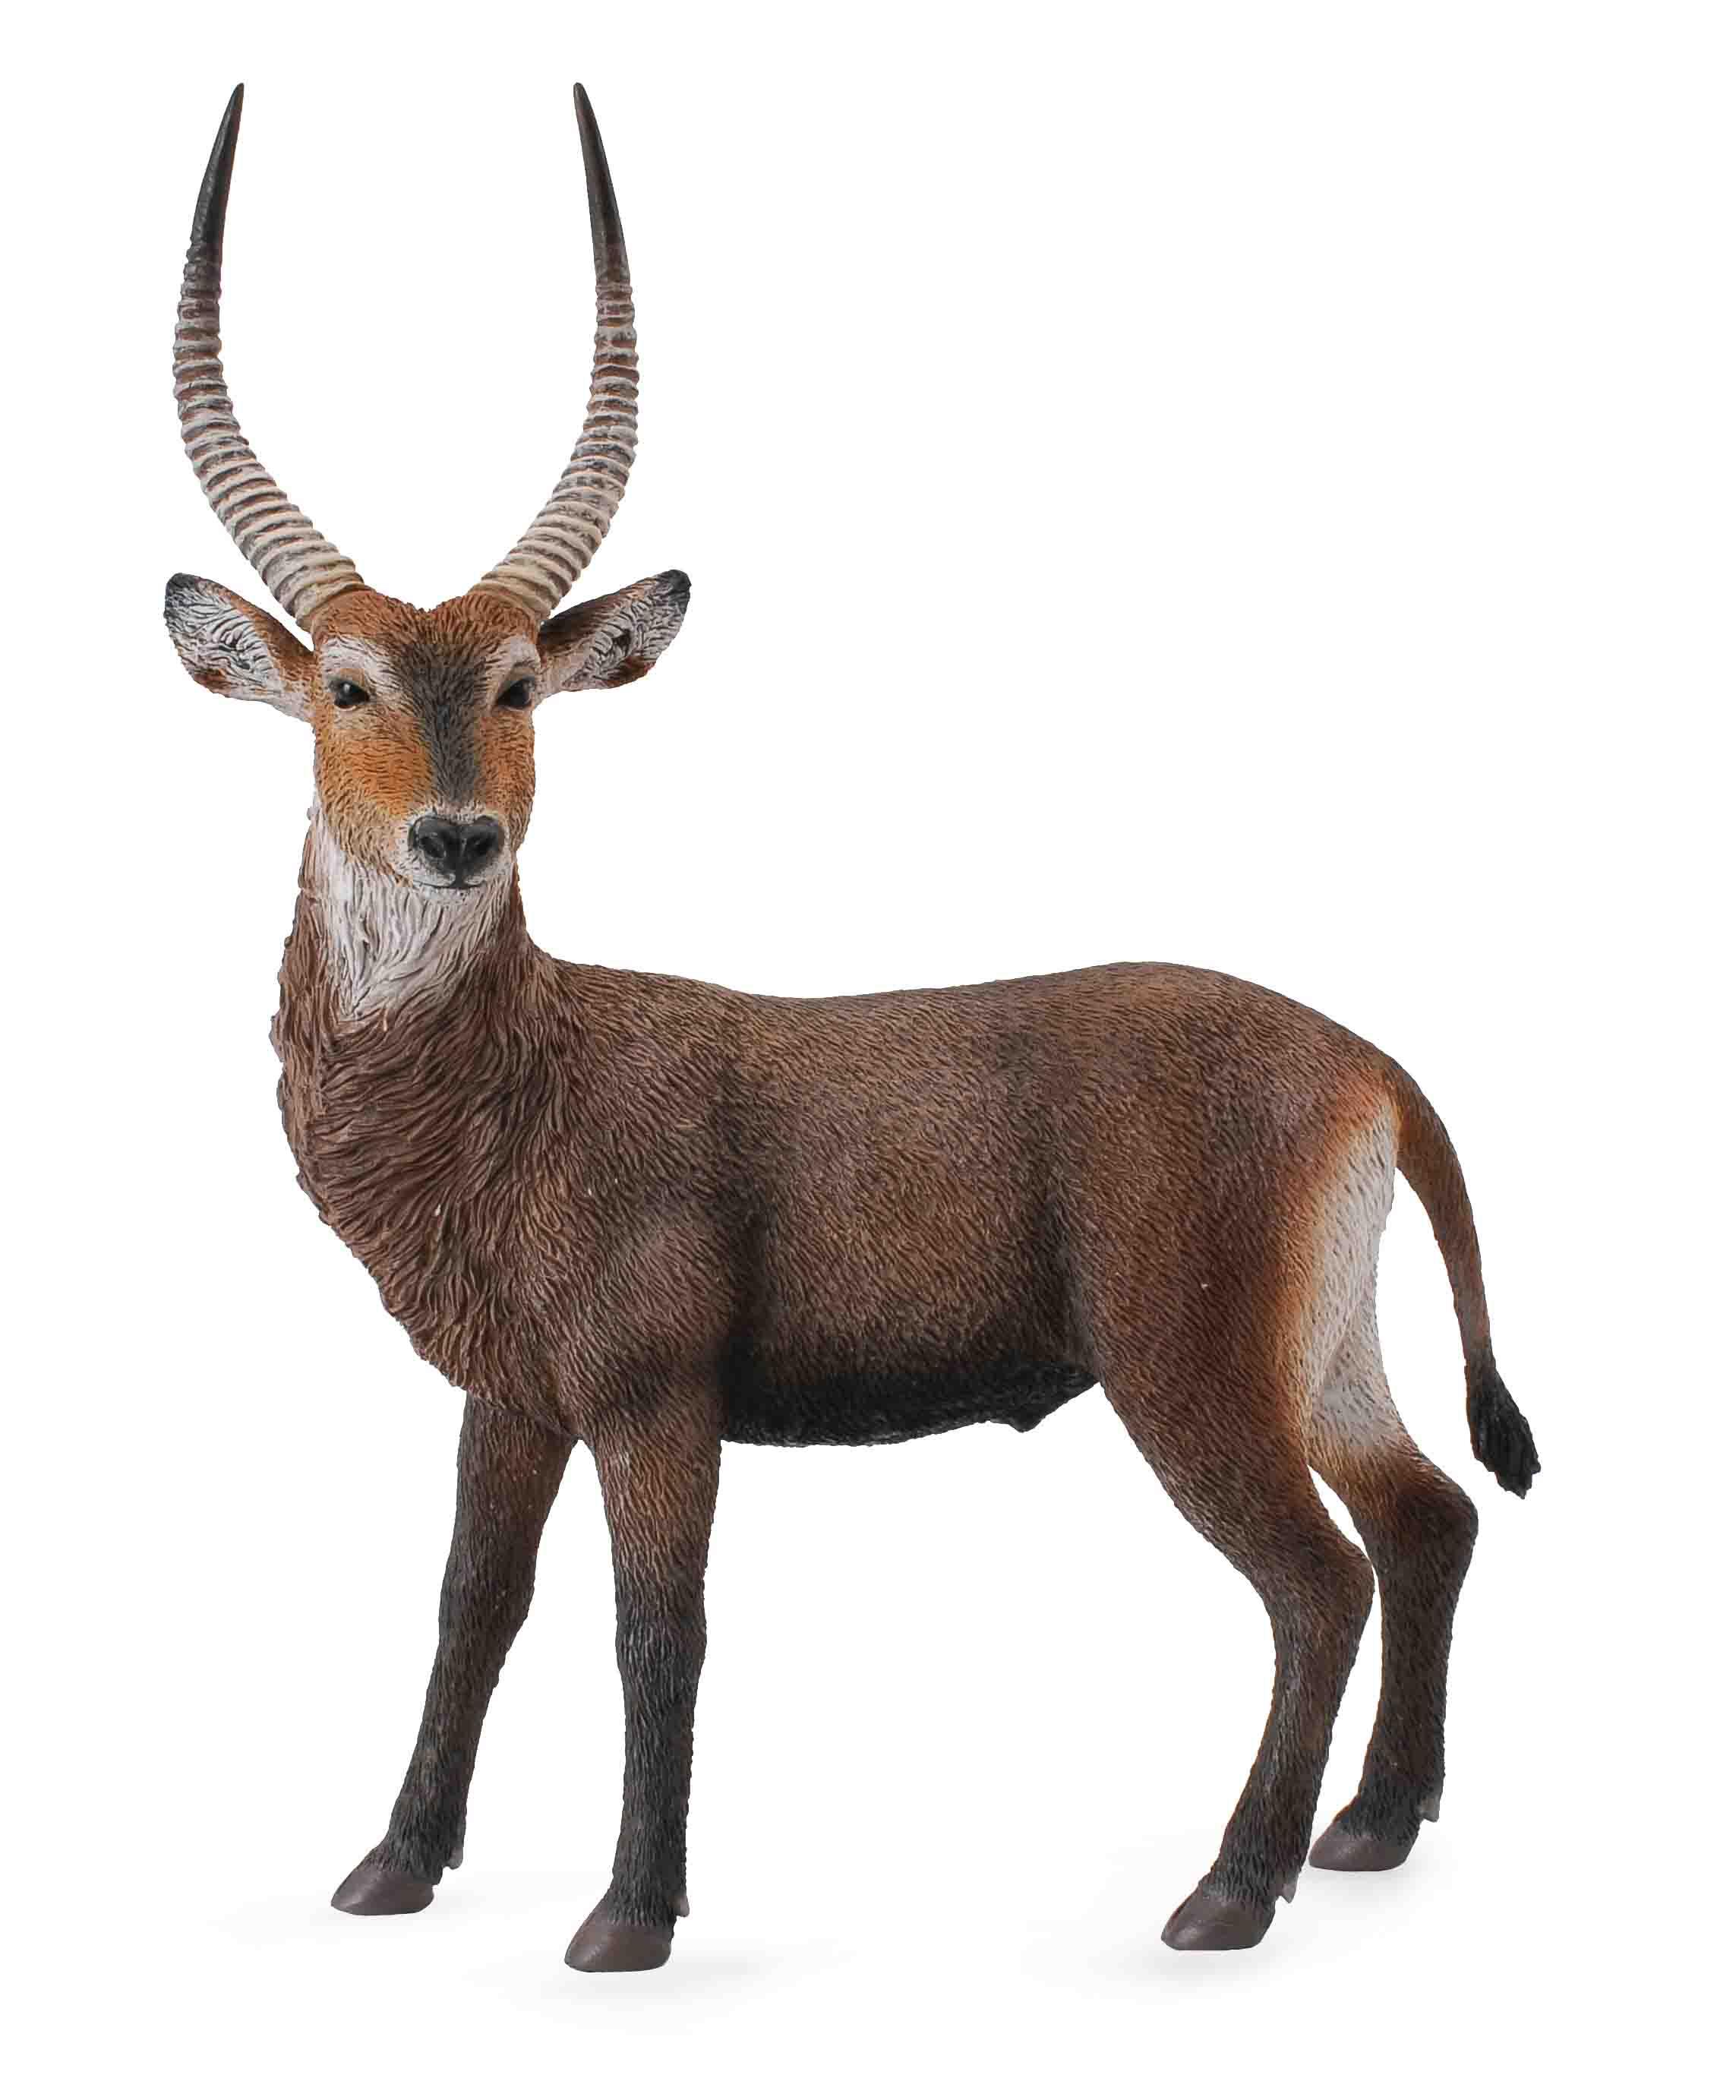 Купить Фигурка животного - Водяной козёл, размер L, Collecta Gulliver